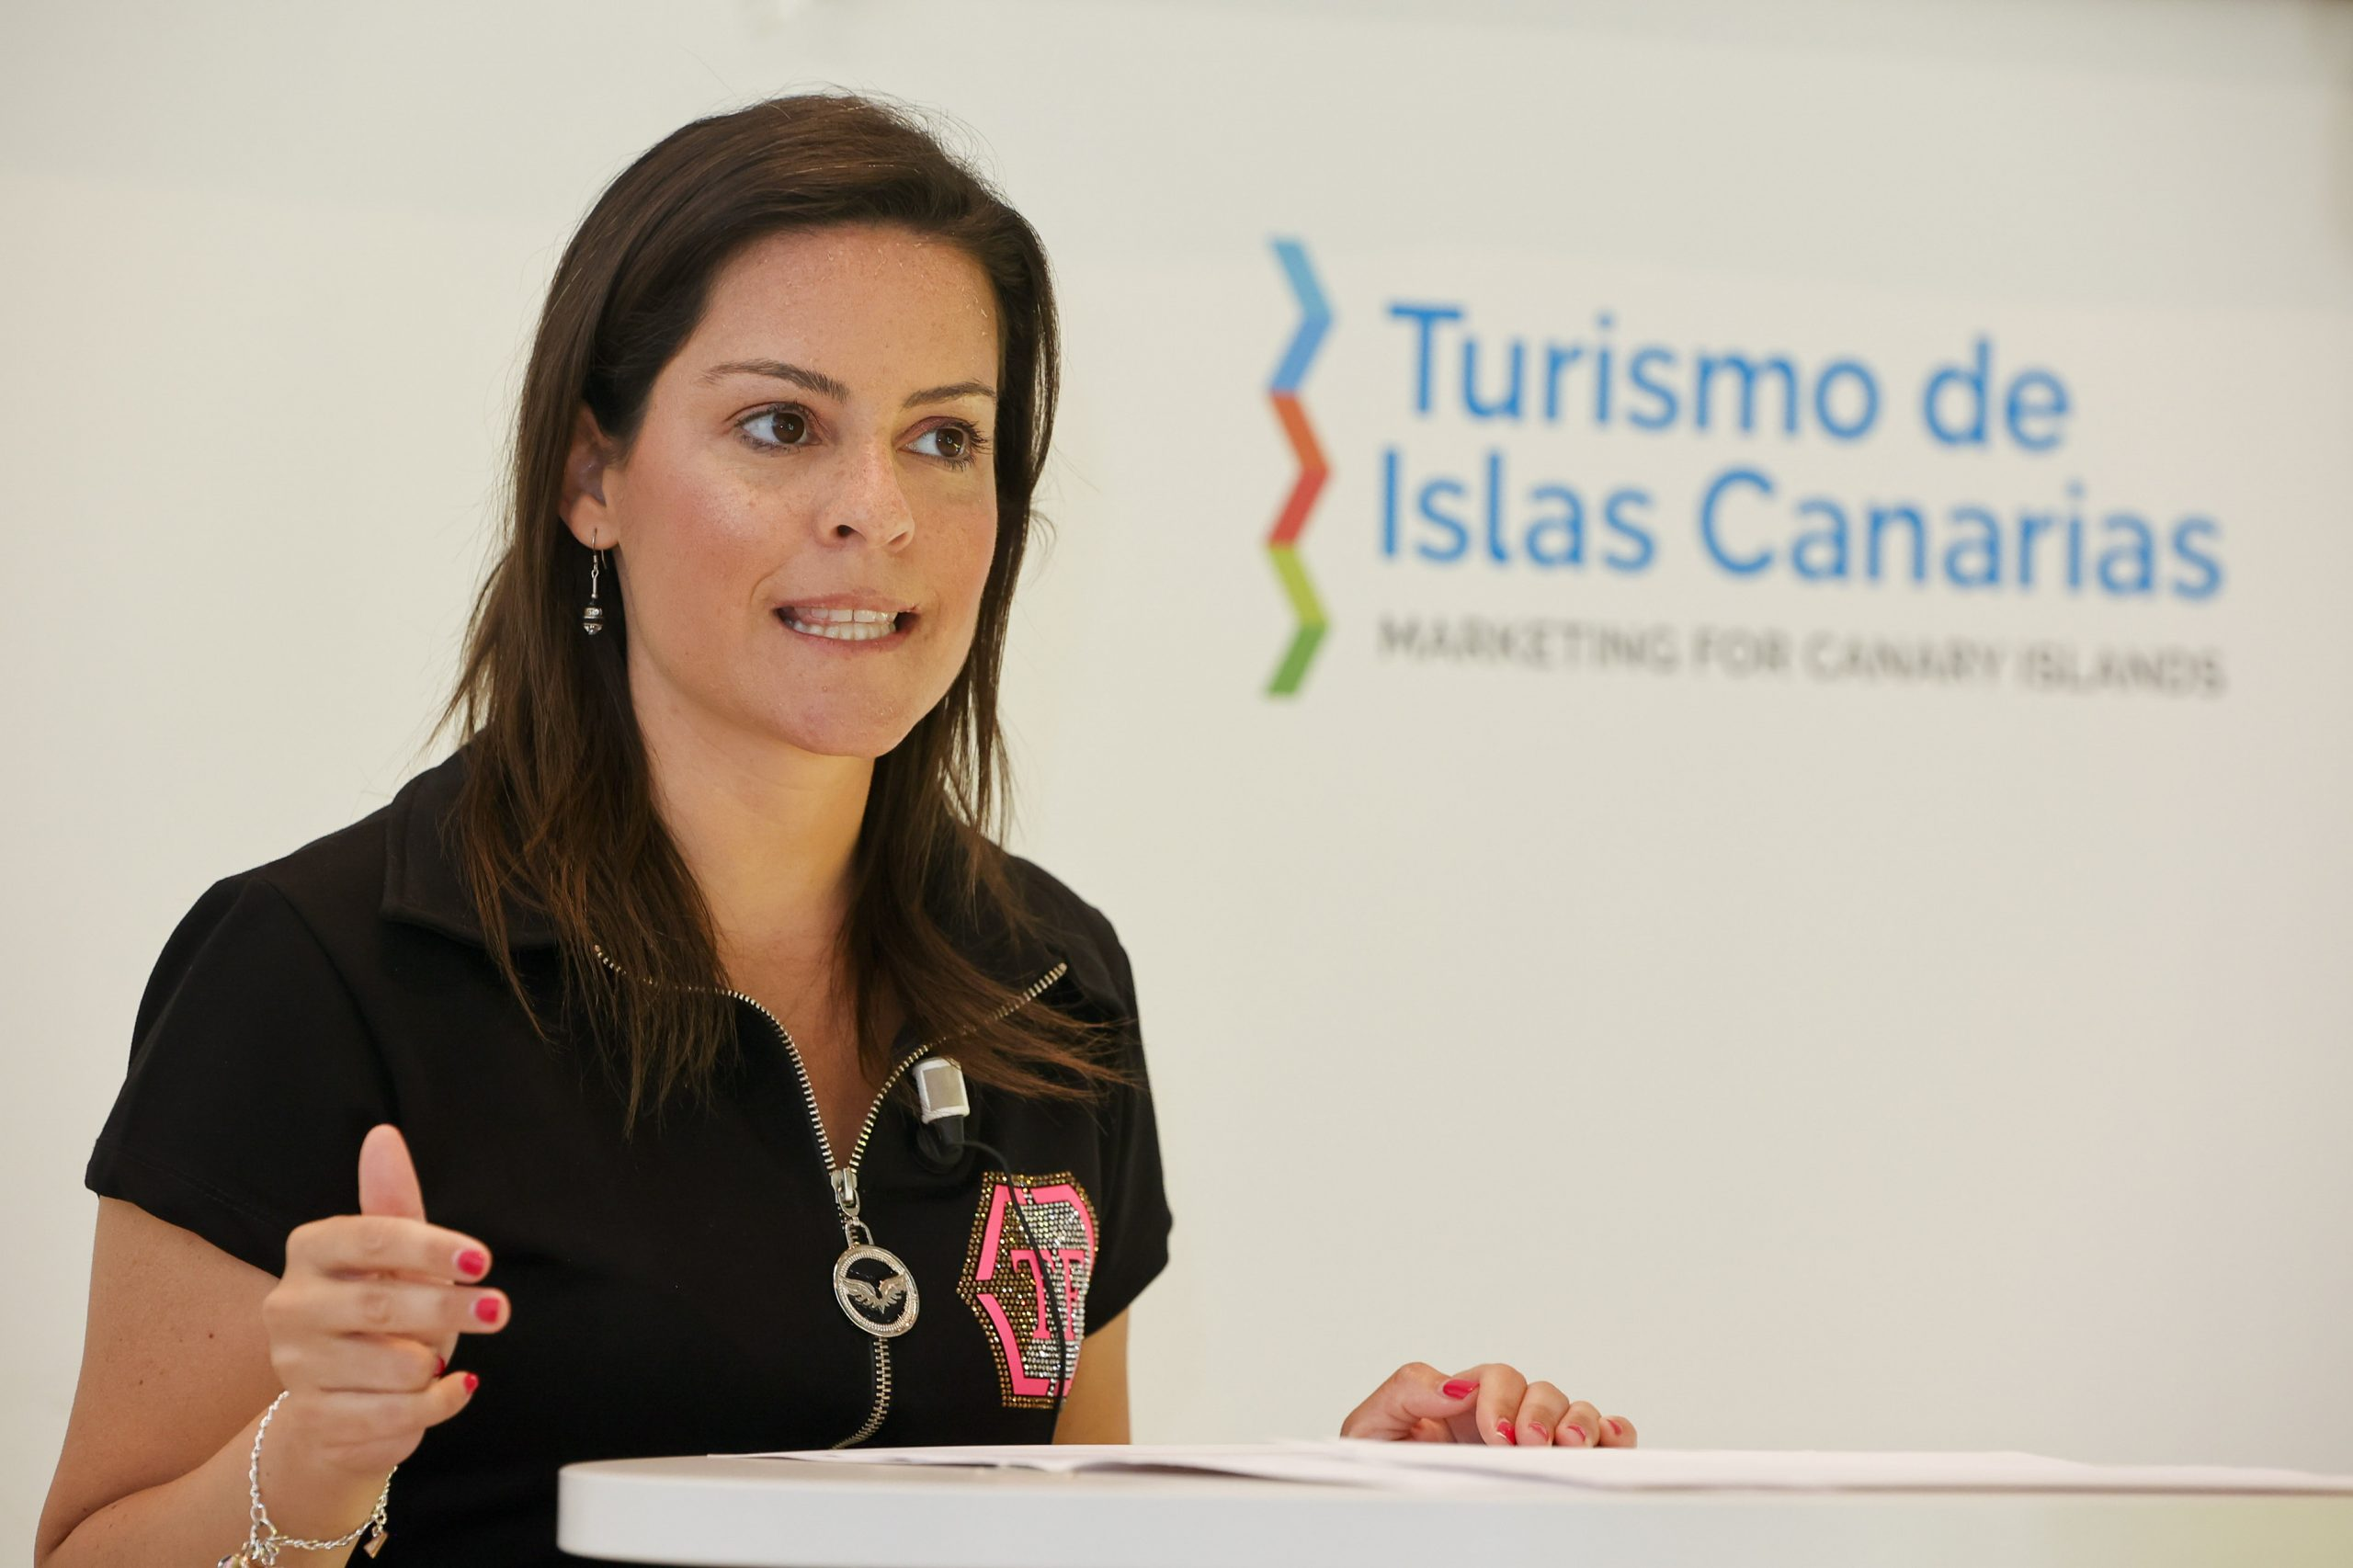 Turismo de Canarias acomete la reactivación con una nueva estrategia promocional personalizada para cada turista